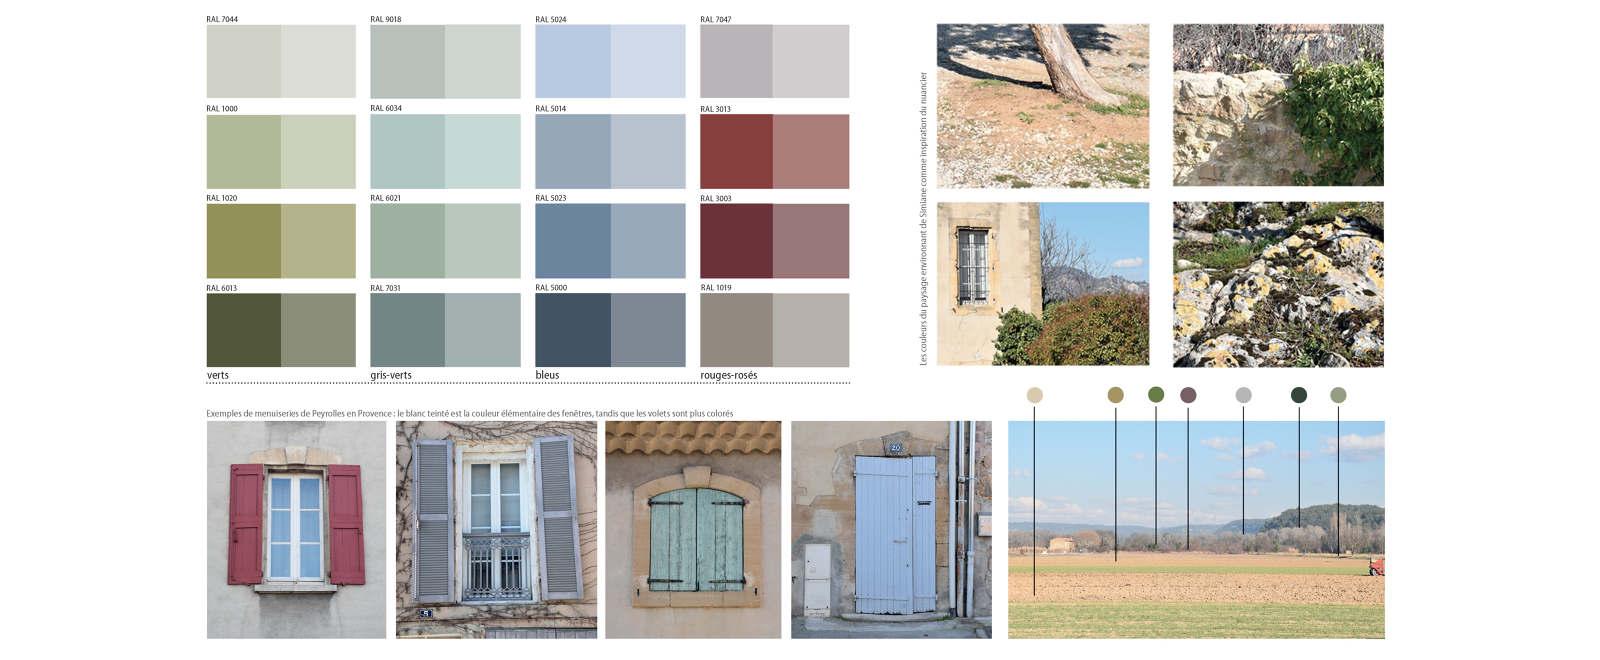 Couleur Volet En Provence peyrolles-en-provence - michael menuet architecte